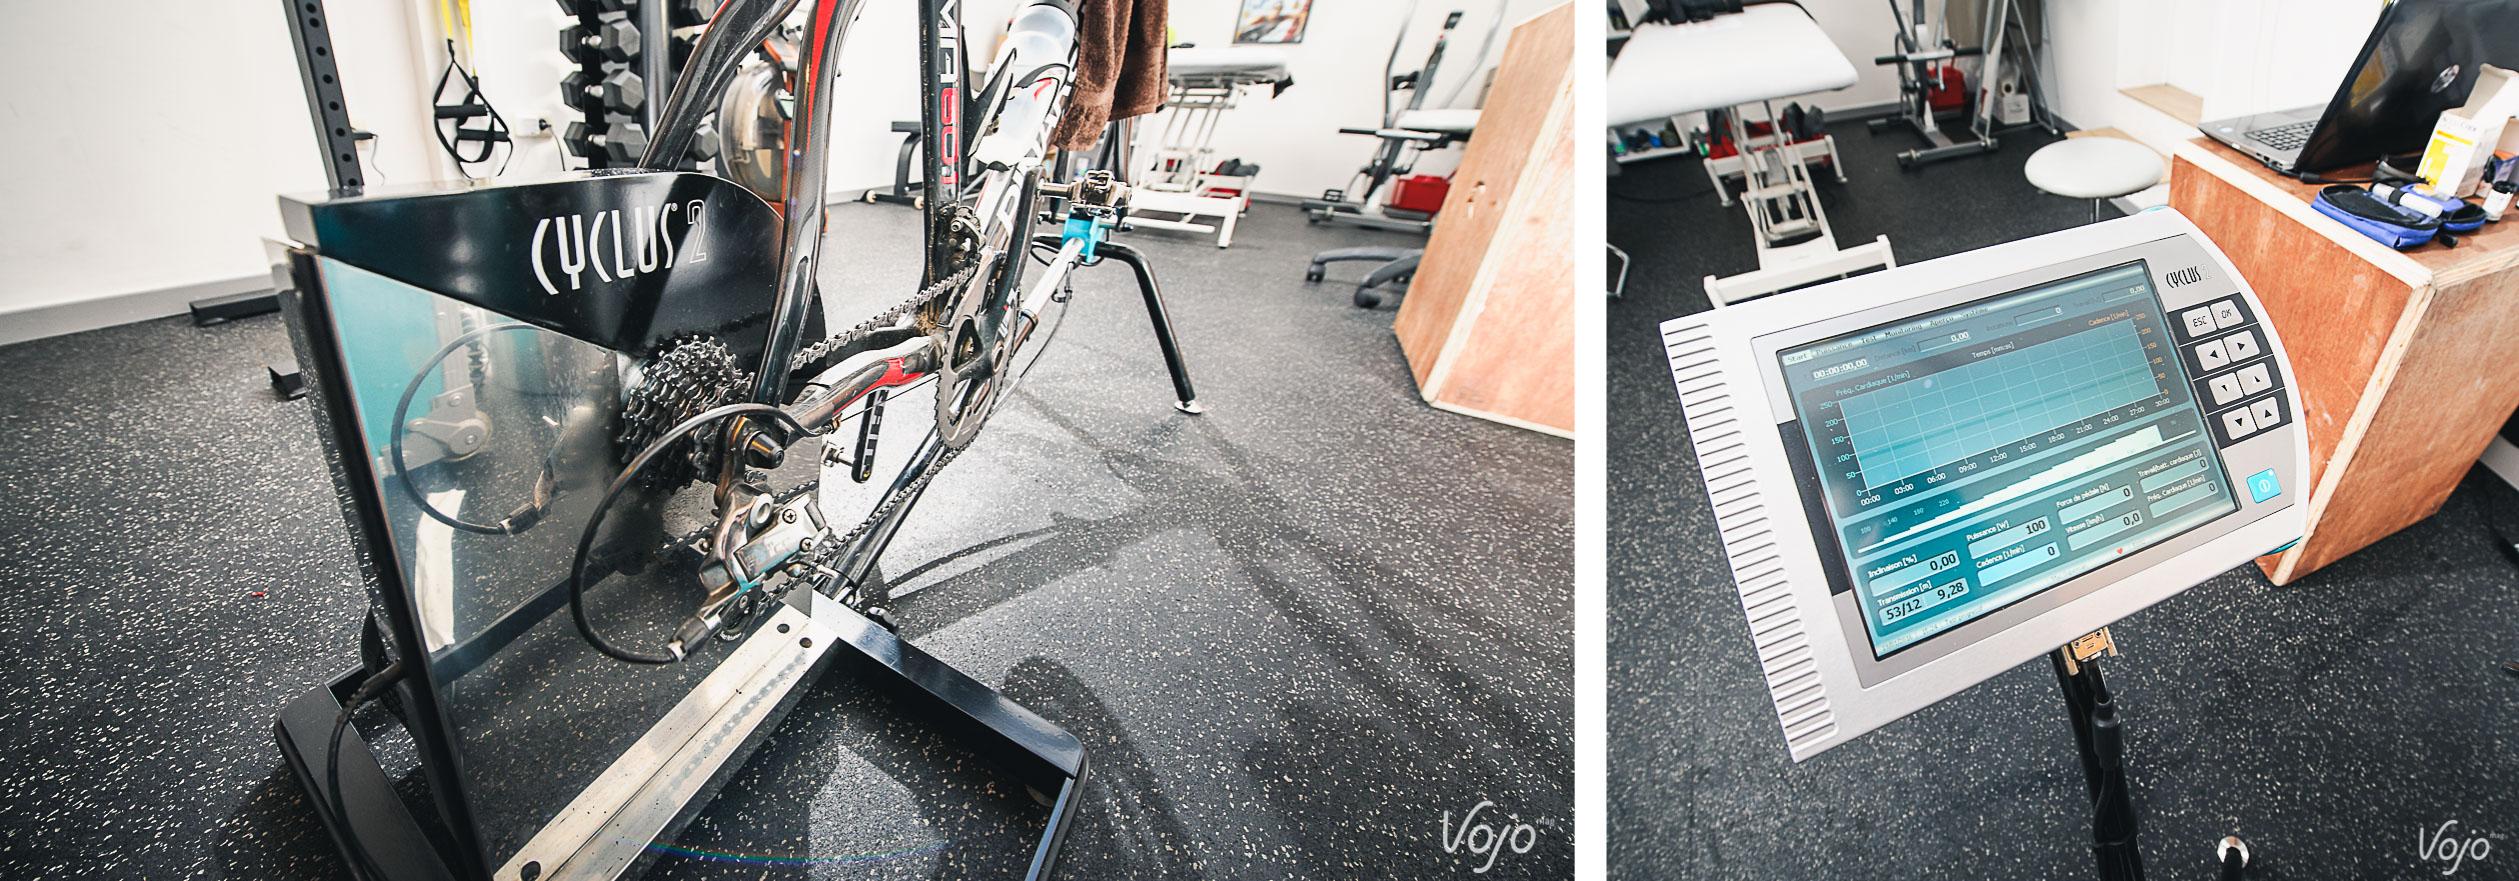 Pour la réalisation d'un test à l'effort, le vélo est monté sur un ergomètre. Ici, le Cyclus 2, véritable référence en la matière, réputé pour sa précision.